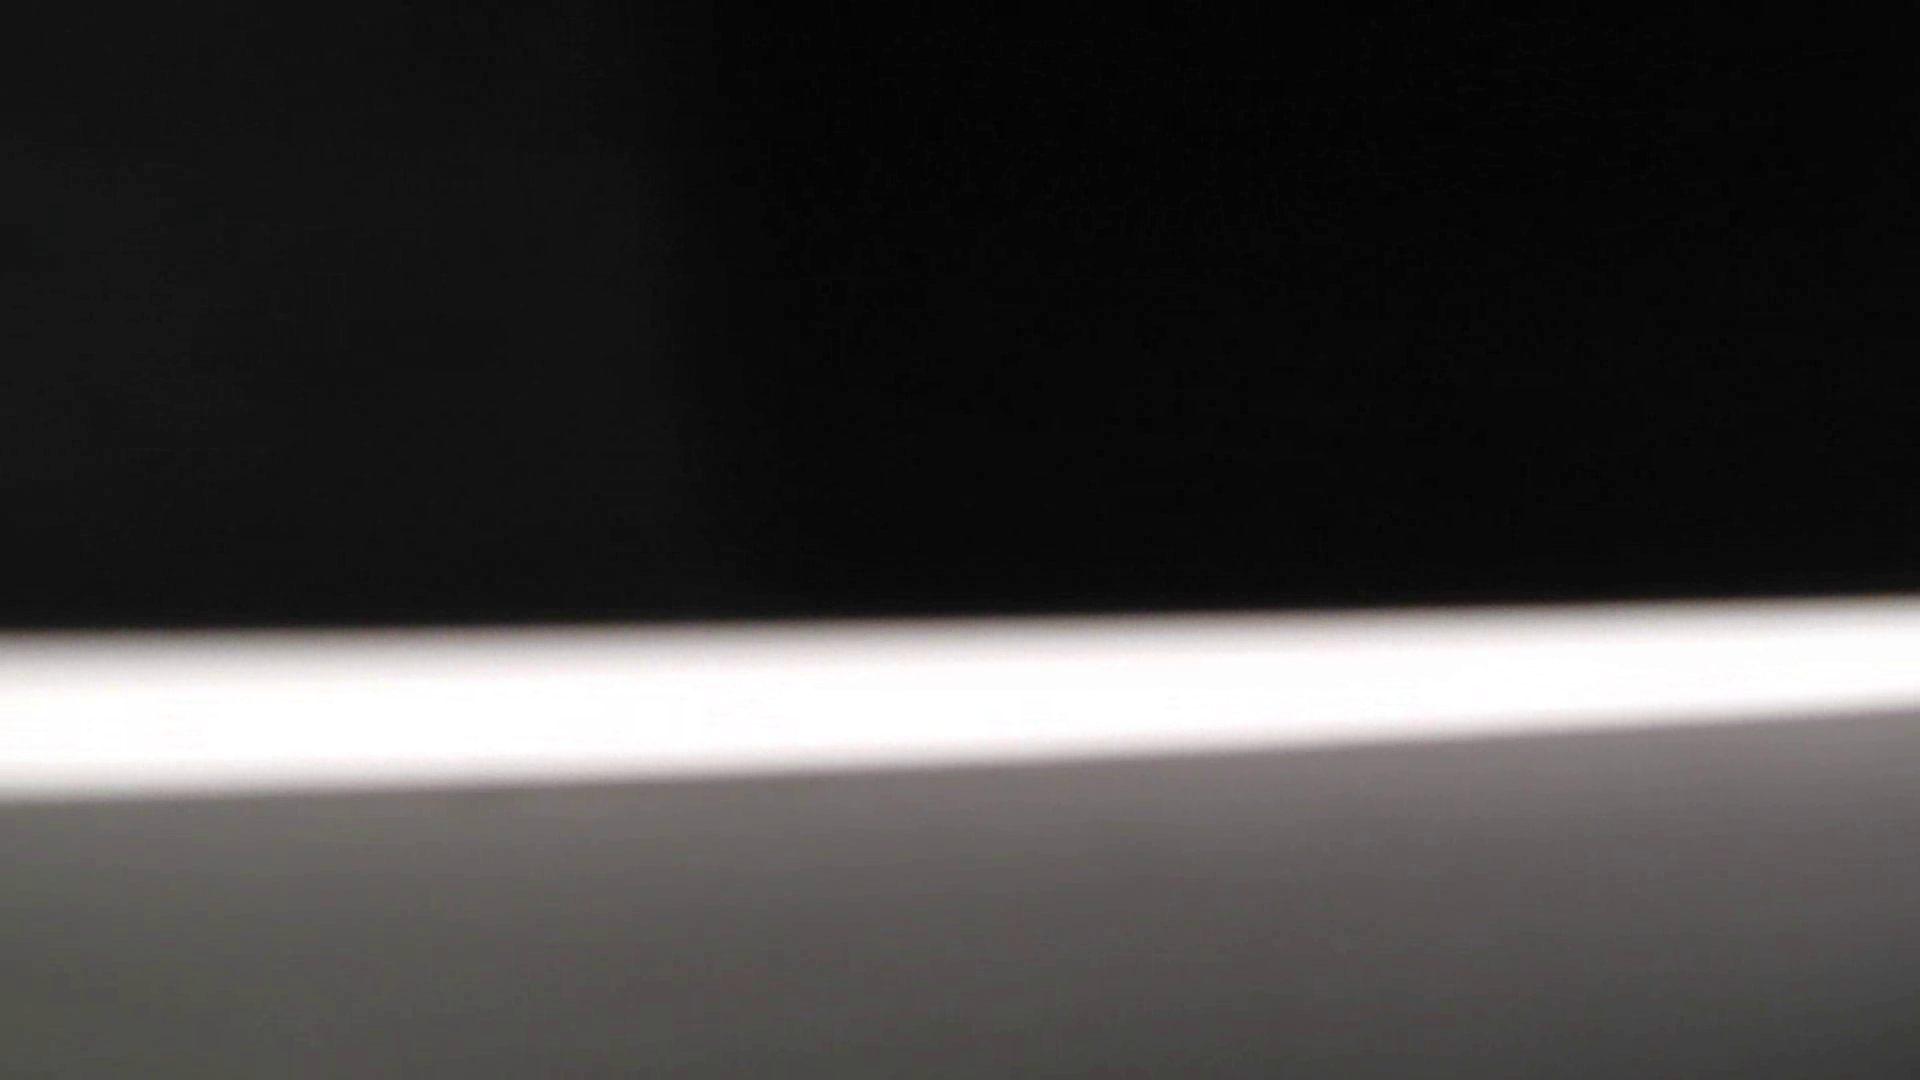 洗面所特攻隊 vol.002今回も鮮明です 洗面所 おめこ無修正動画無料 104画像 10